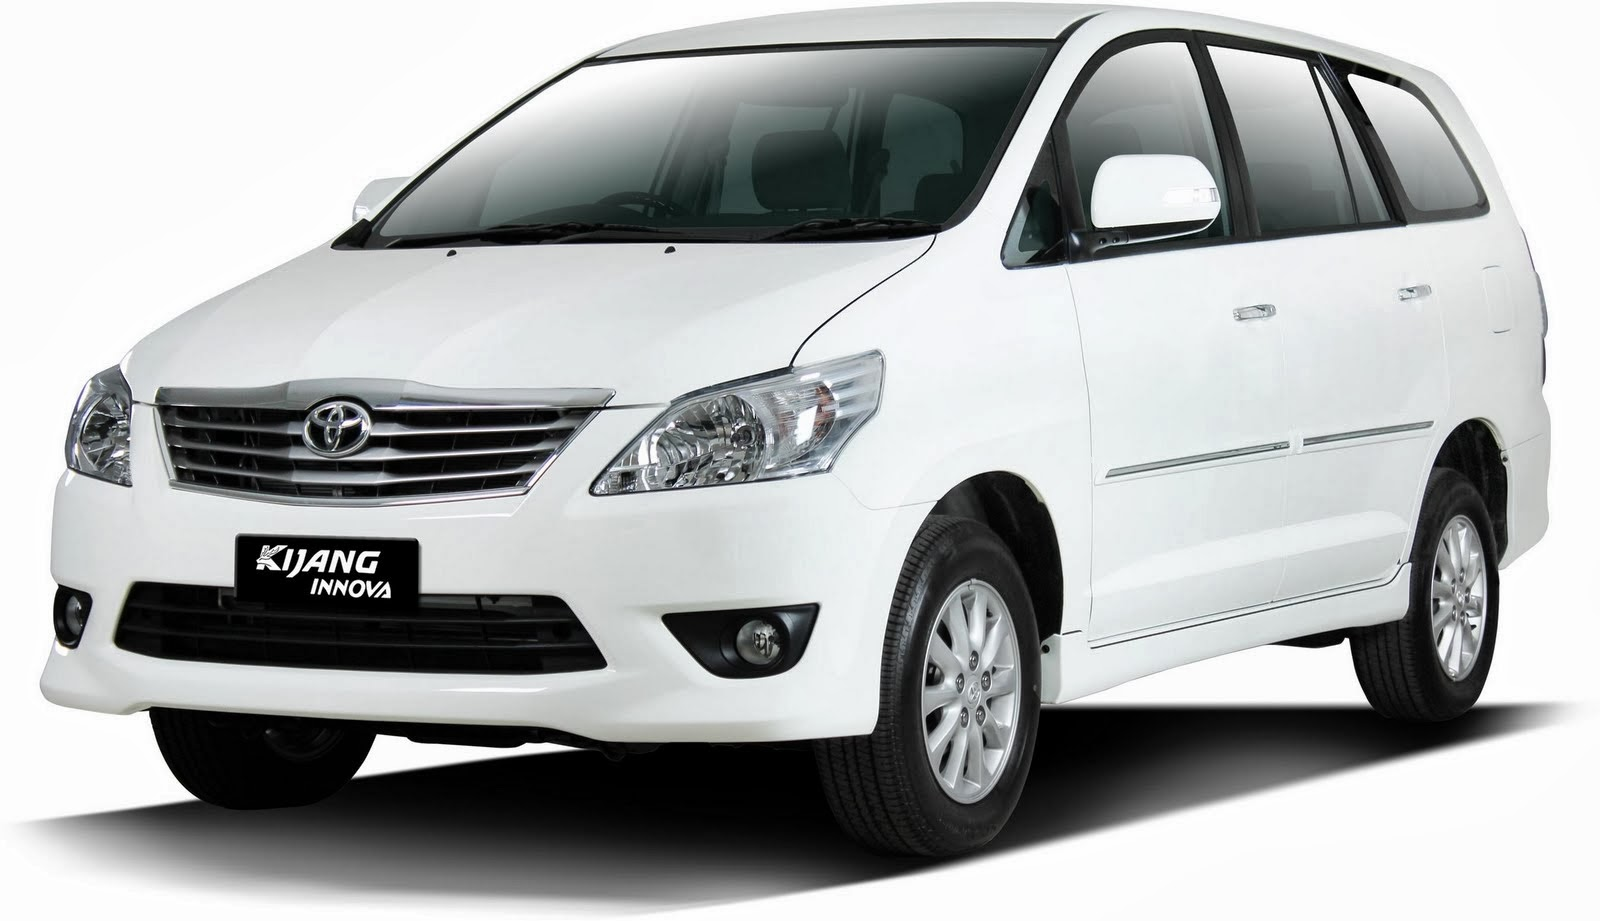 Daftar Harga Toyota Kijang Innova Terbaru 2016 | Berita 2016